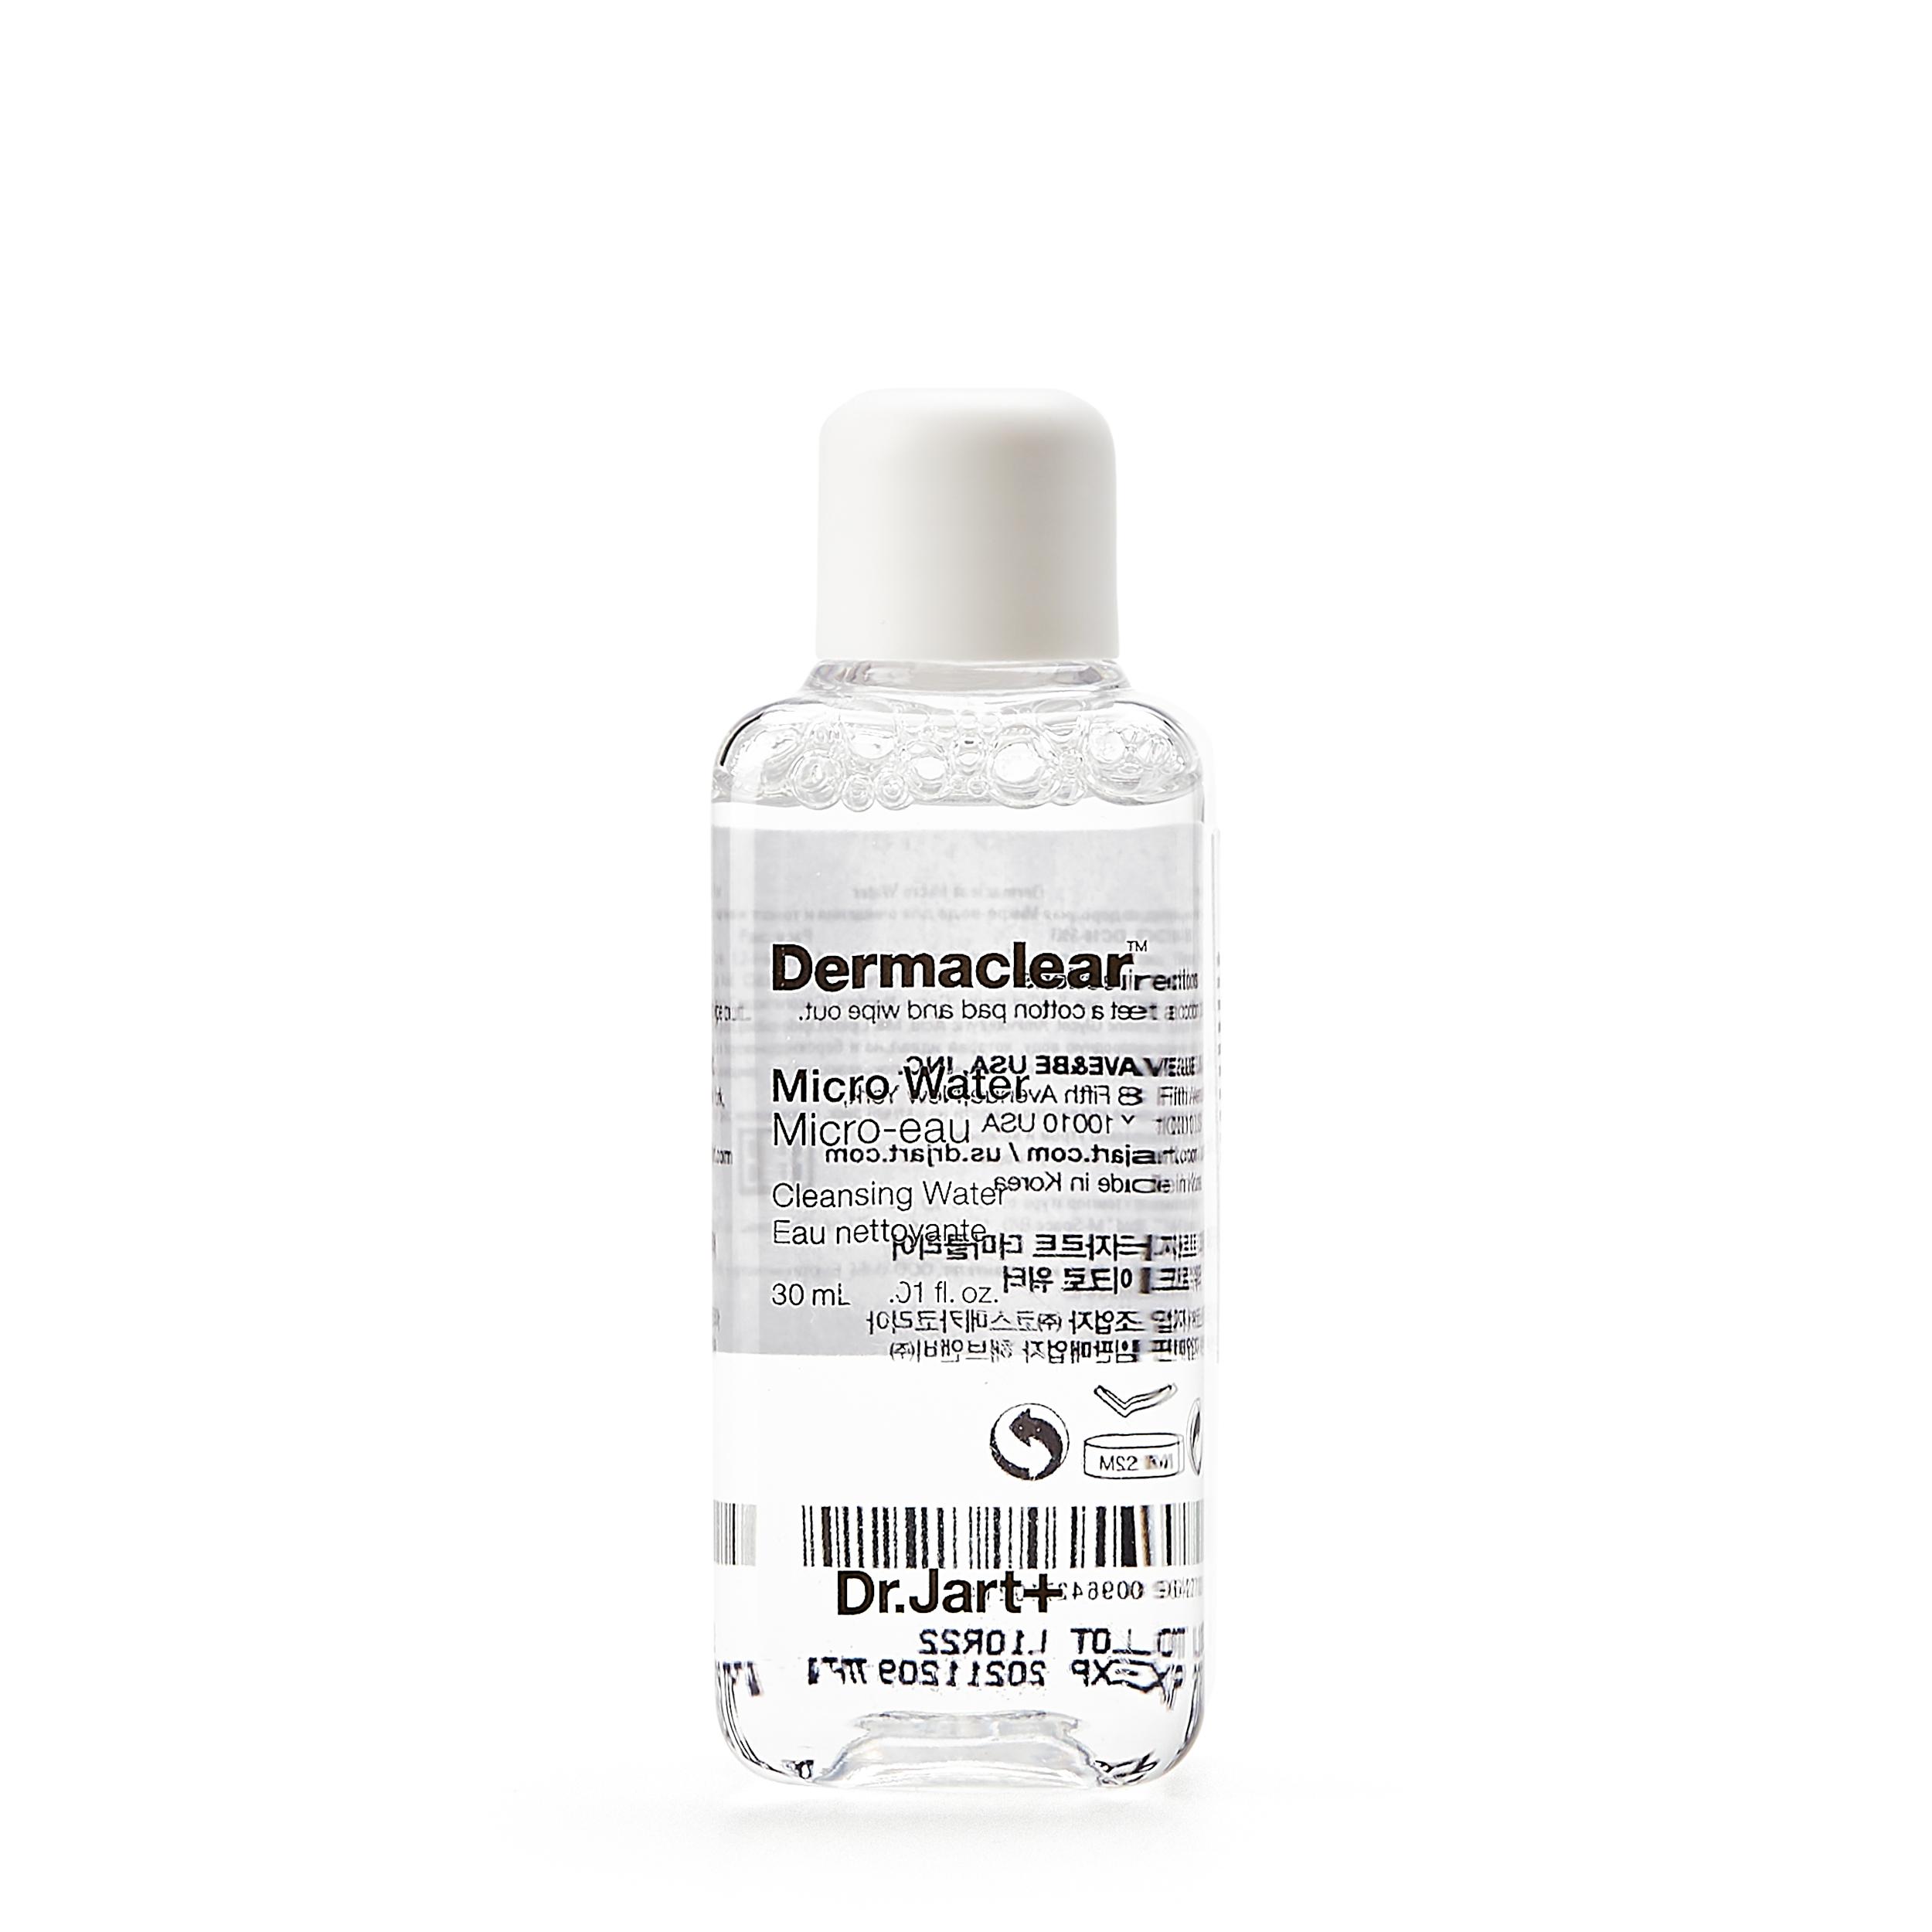 Dr.Jart+ Биоводородная вода для очищения и тонизирования кожи 30 мл фото